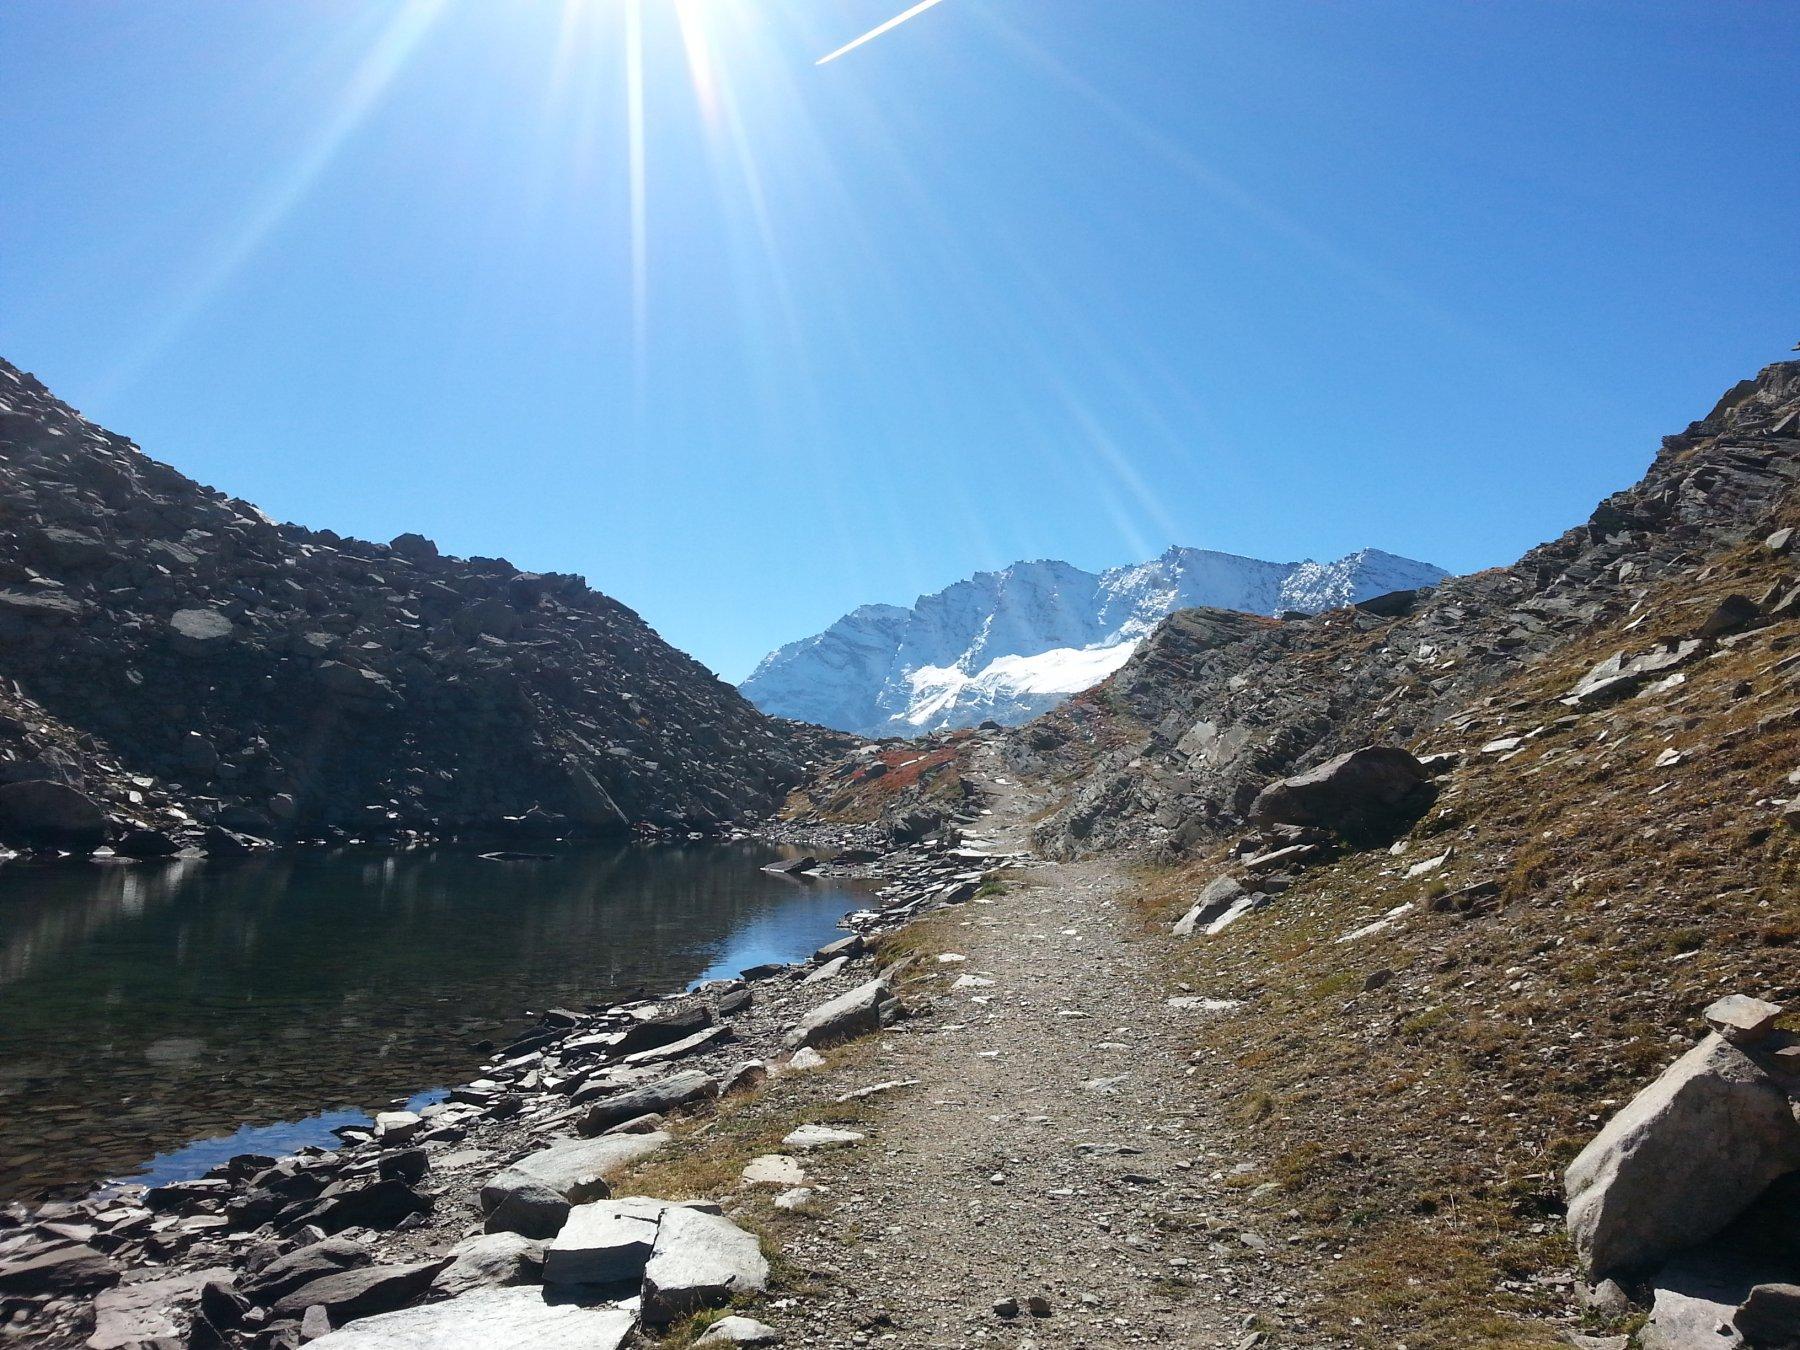 Rocchetta (Punta) e Colle della Terra anello per i laghi Losere e Lillet 2016-09-29